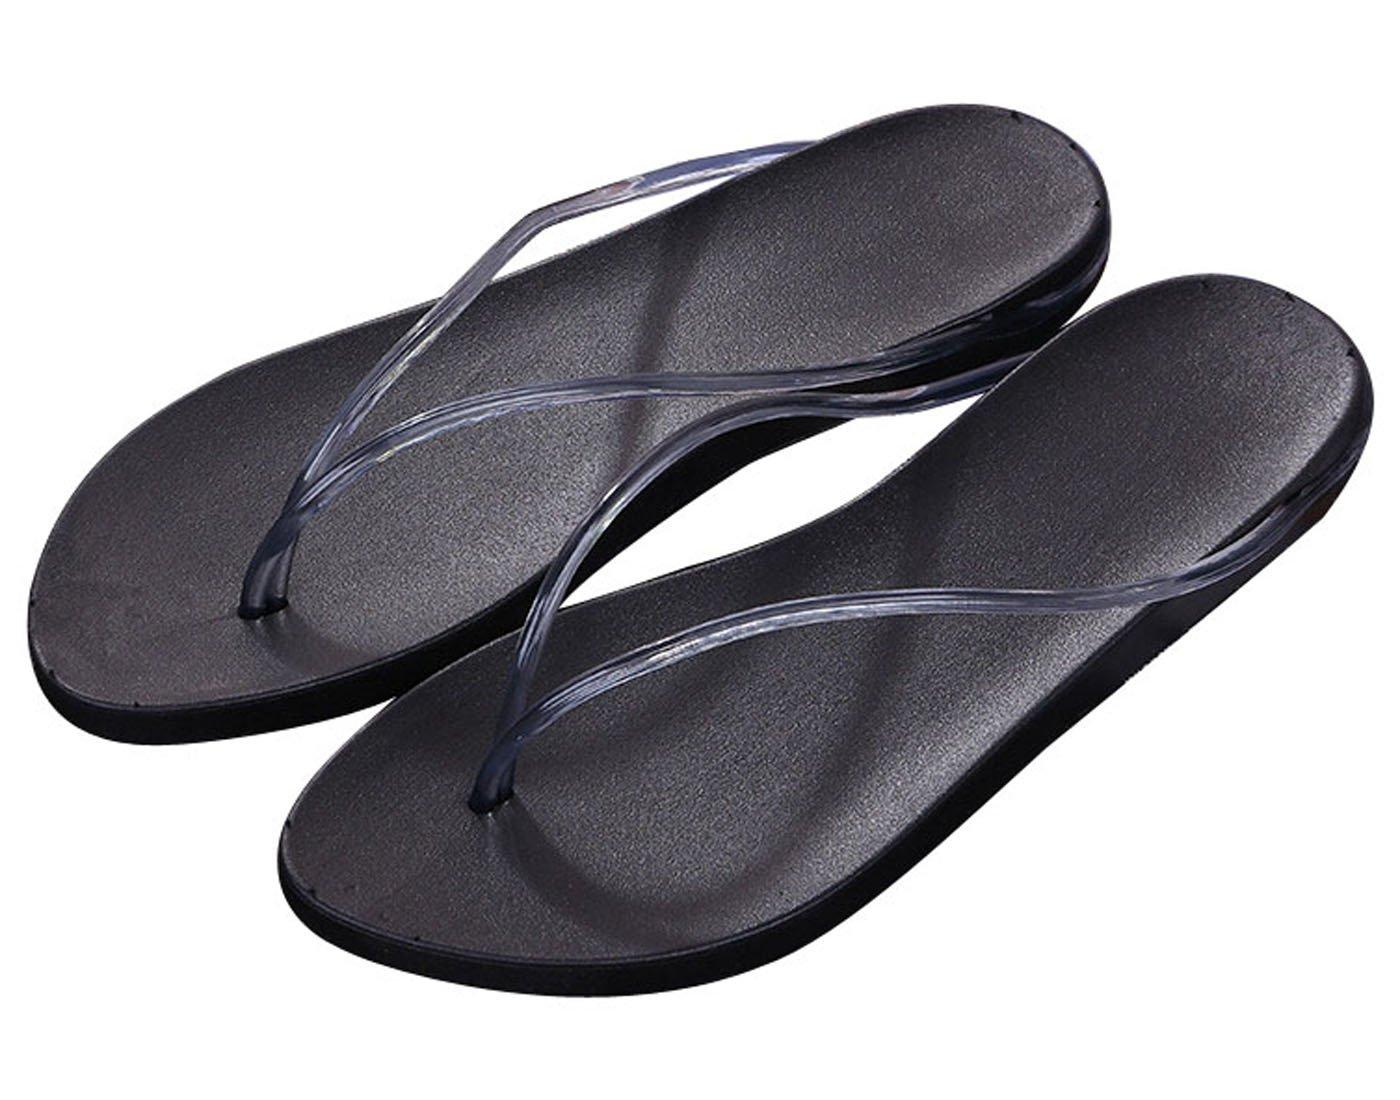 Zehentrenner Damen Slim Sandalen Schuhe Flats Thong Sandalen Sommer Schuhe Strand Flip Flop Hausschuhe  37 EU|Grau